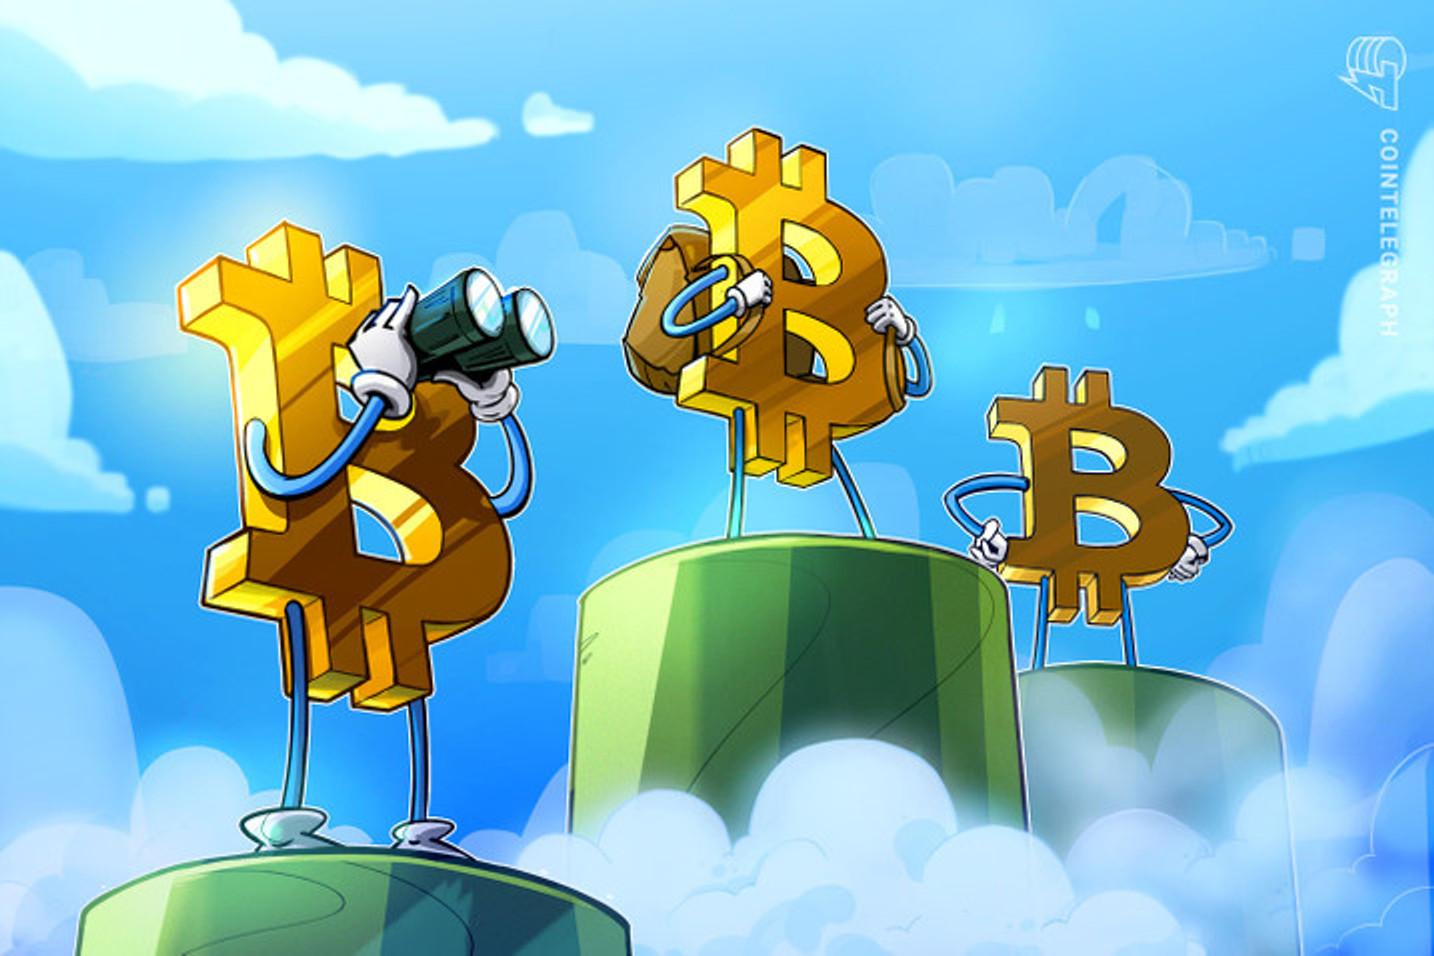 仮想通貨ビットコイン、良好ファンダメンタルズと未だ乖離 「スマートマネー」勢い衰えず